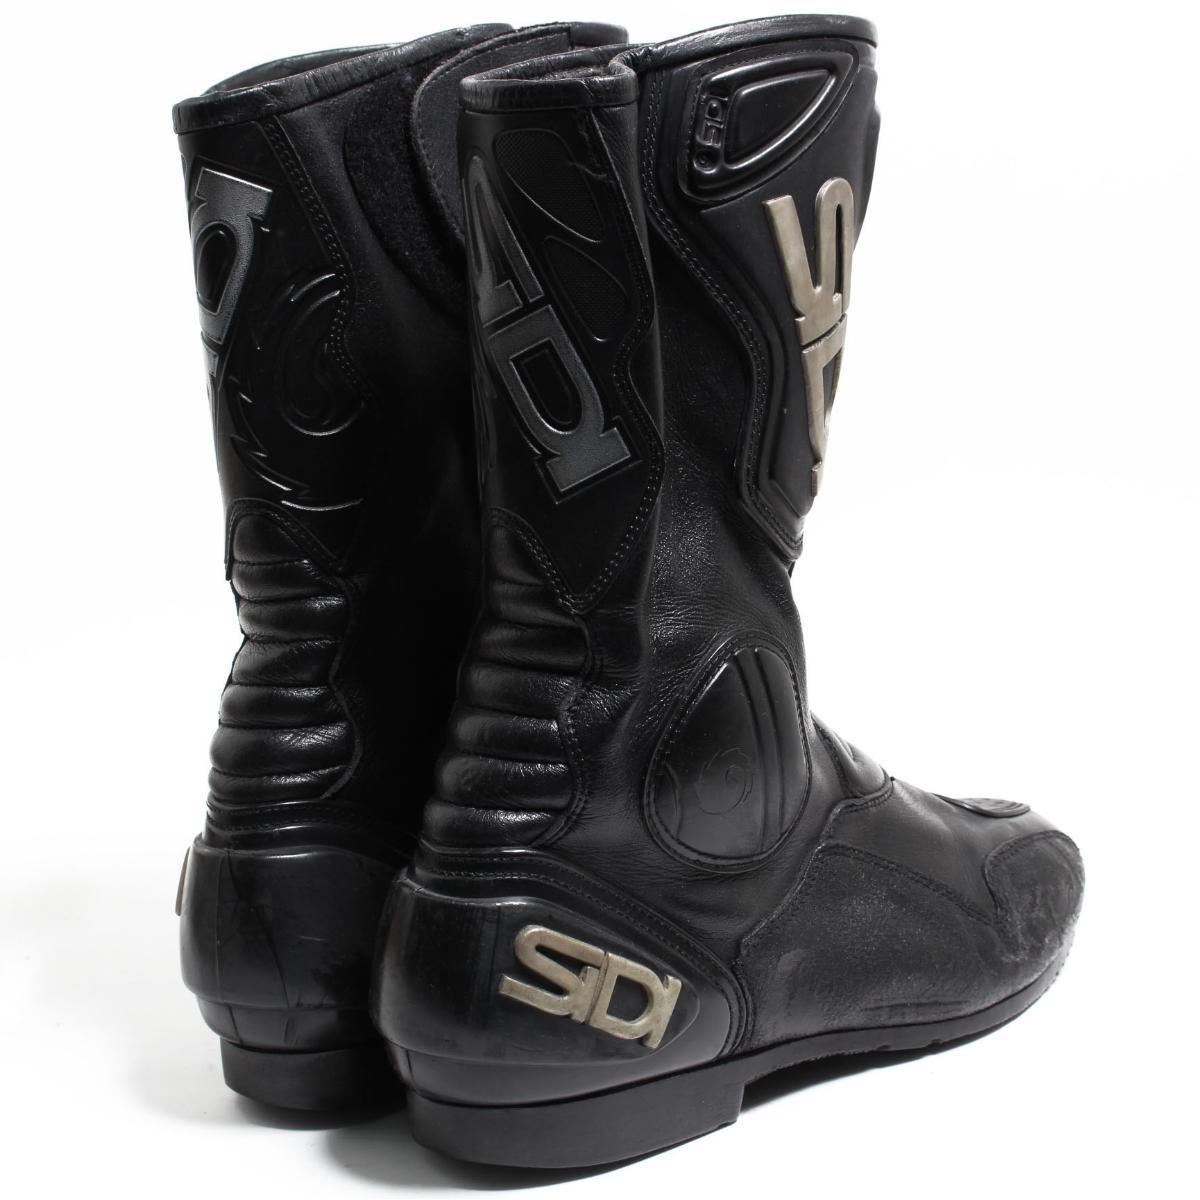 Vintage Clothing Jam シディ Sidi Motorcycle Boots Men 27 0cm